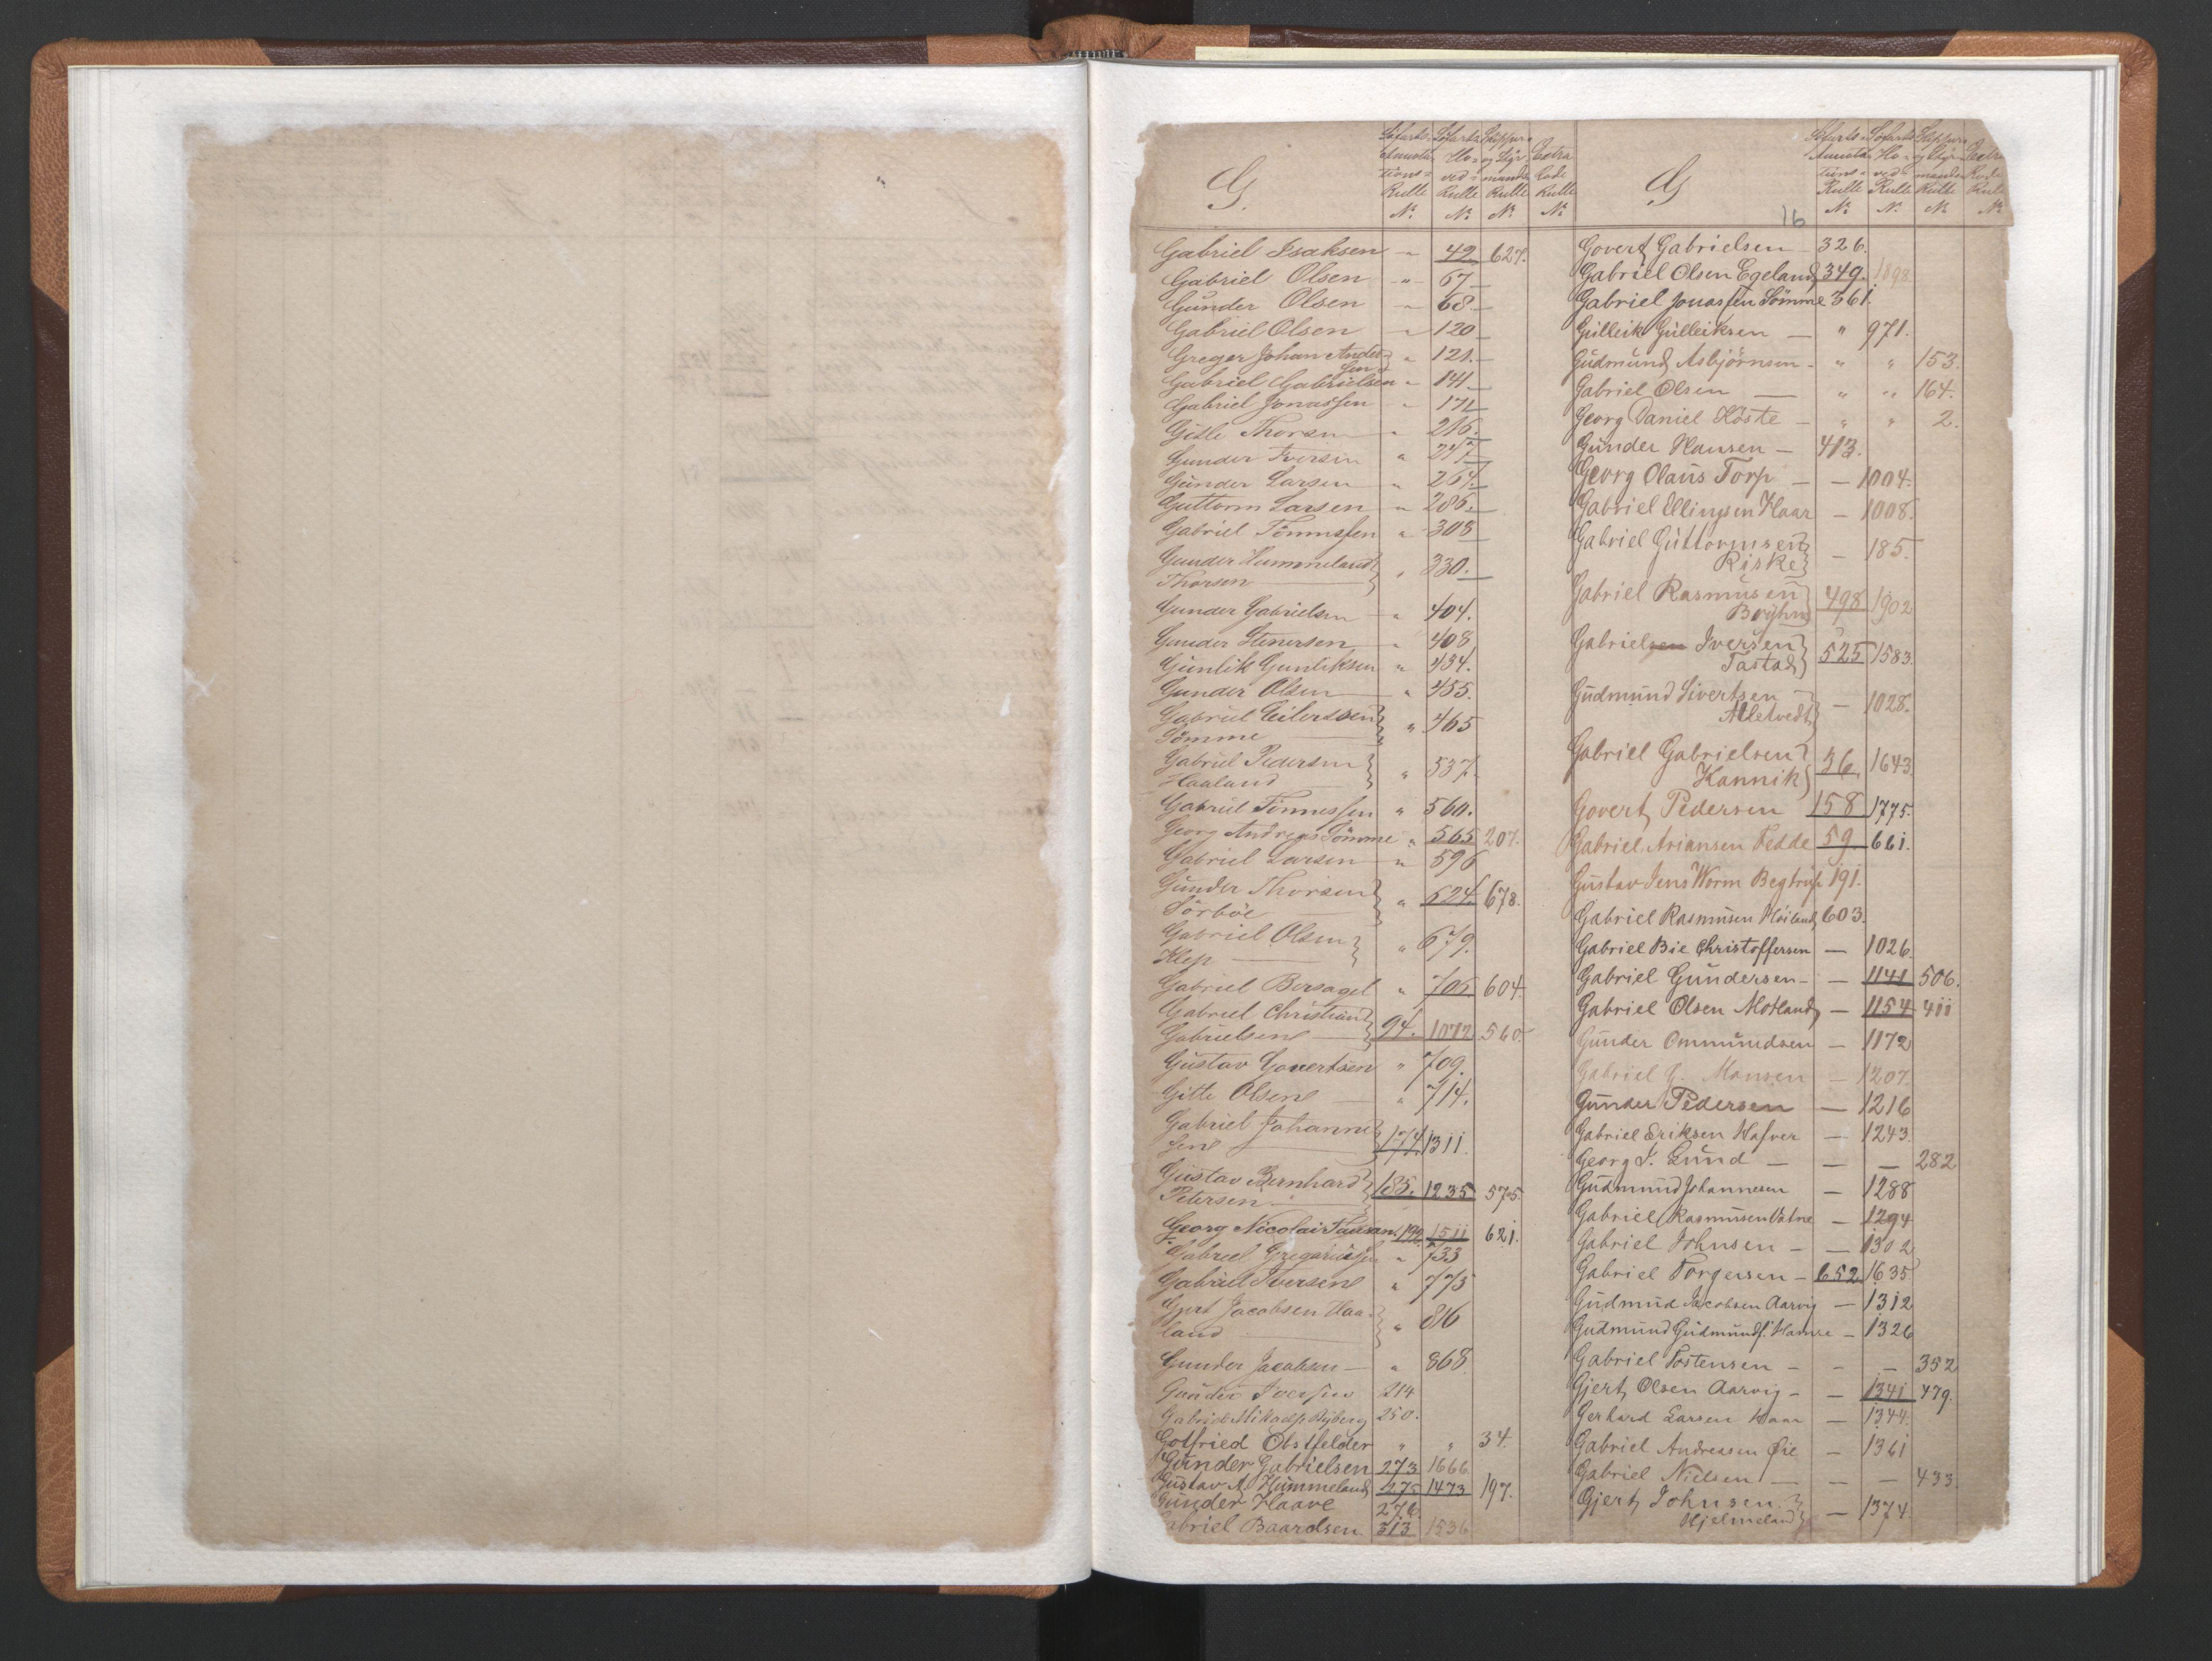 SAST, Stavanger sjømannskontor, F/Fb/Fba/L0002: Navneregister sjøfartsruller, 1860-1869, s. 17